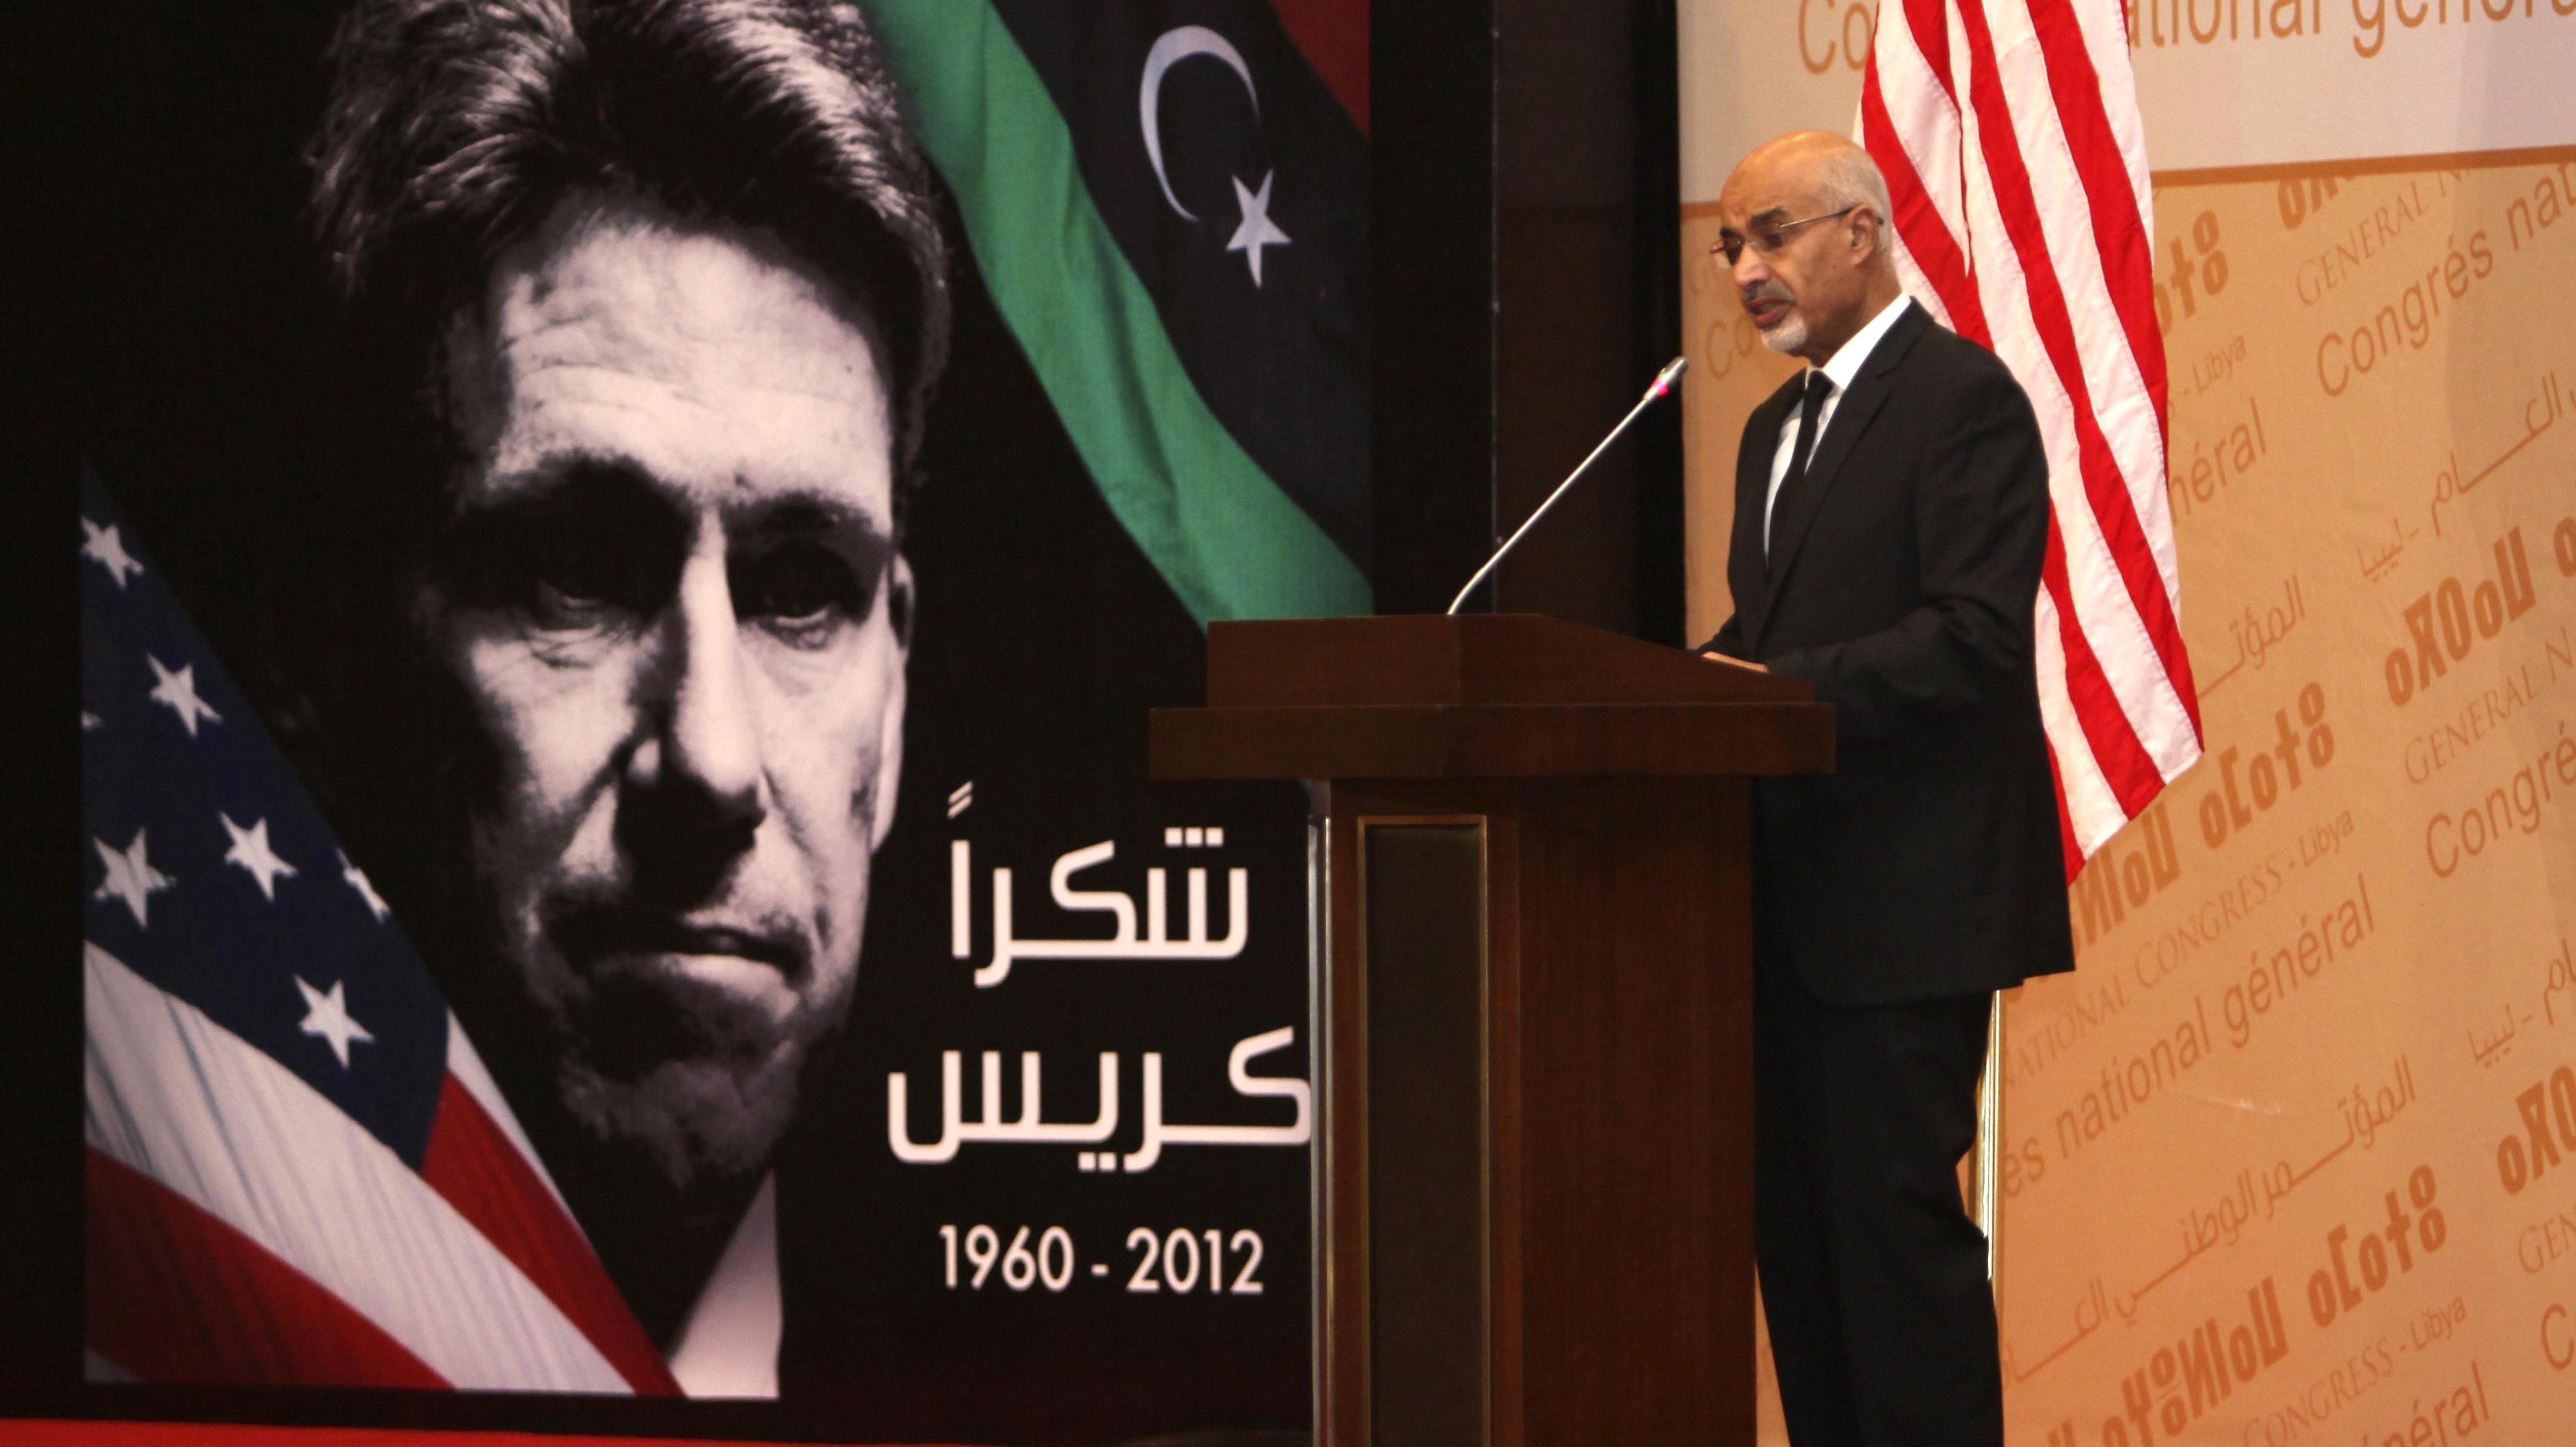 benghazi report summary